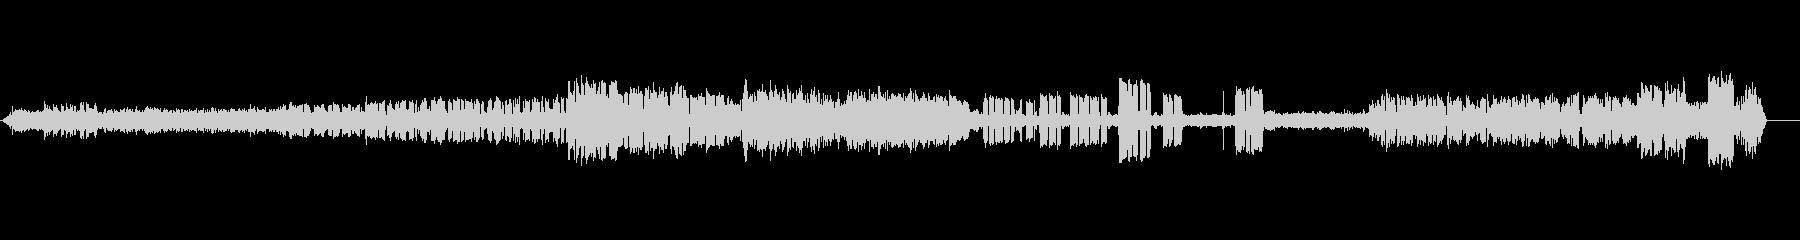 ラジオルーム-アンビエンス-電信の未再生の波形